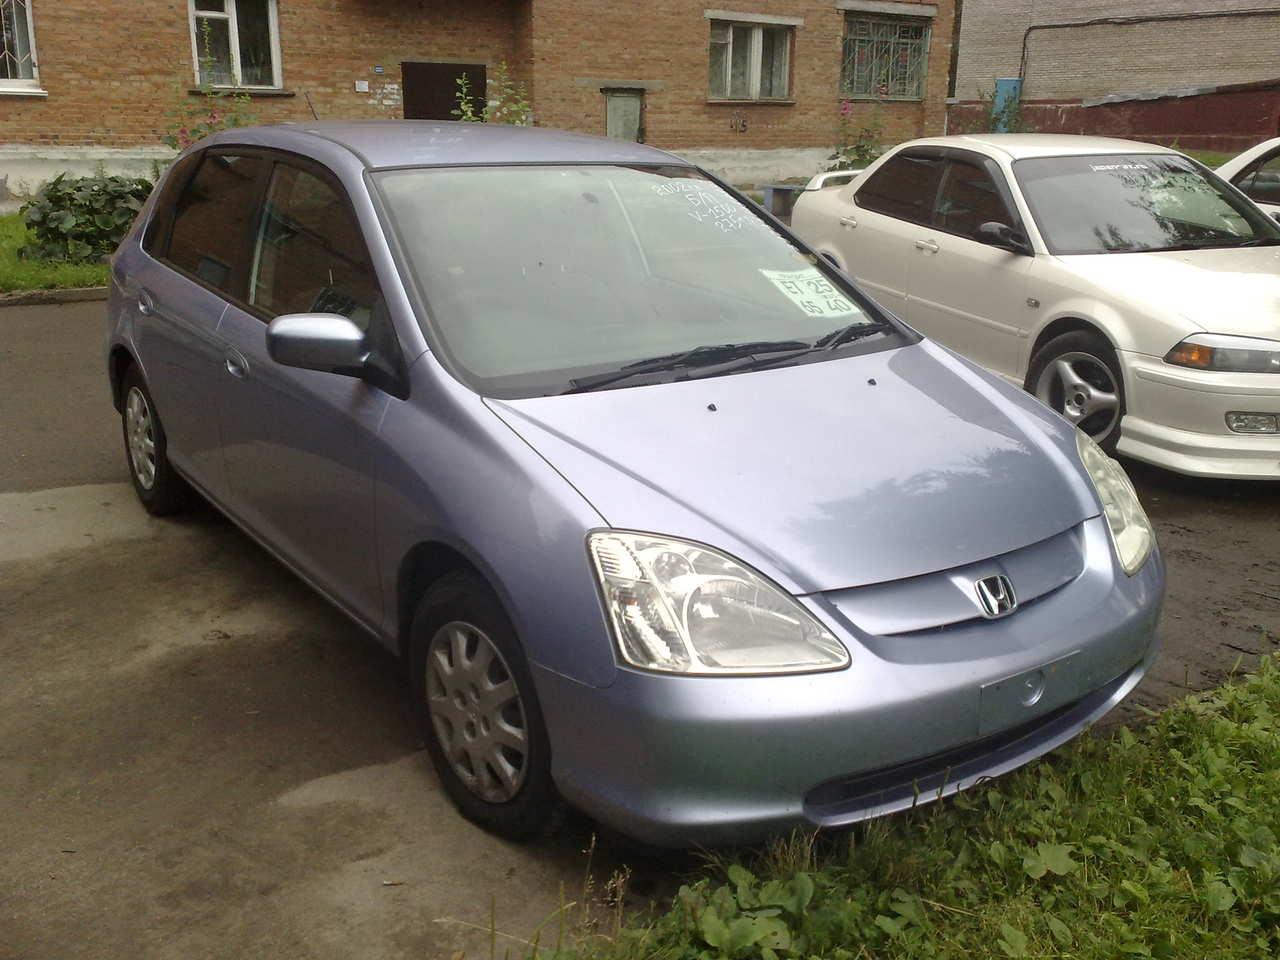 Used 2002 honda civic photos 1 5 gasoline ff automatic for Honda limp mode